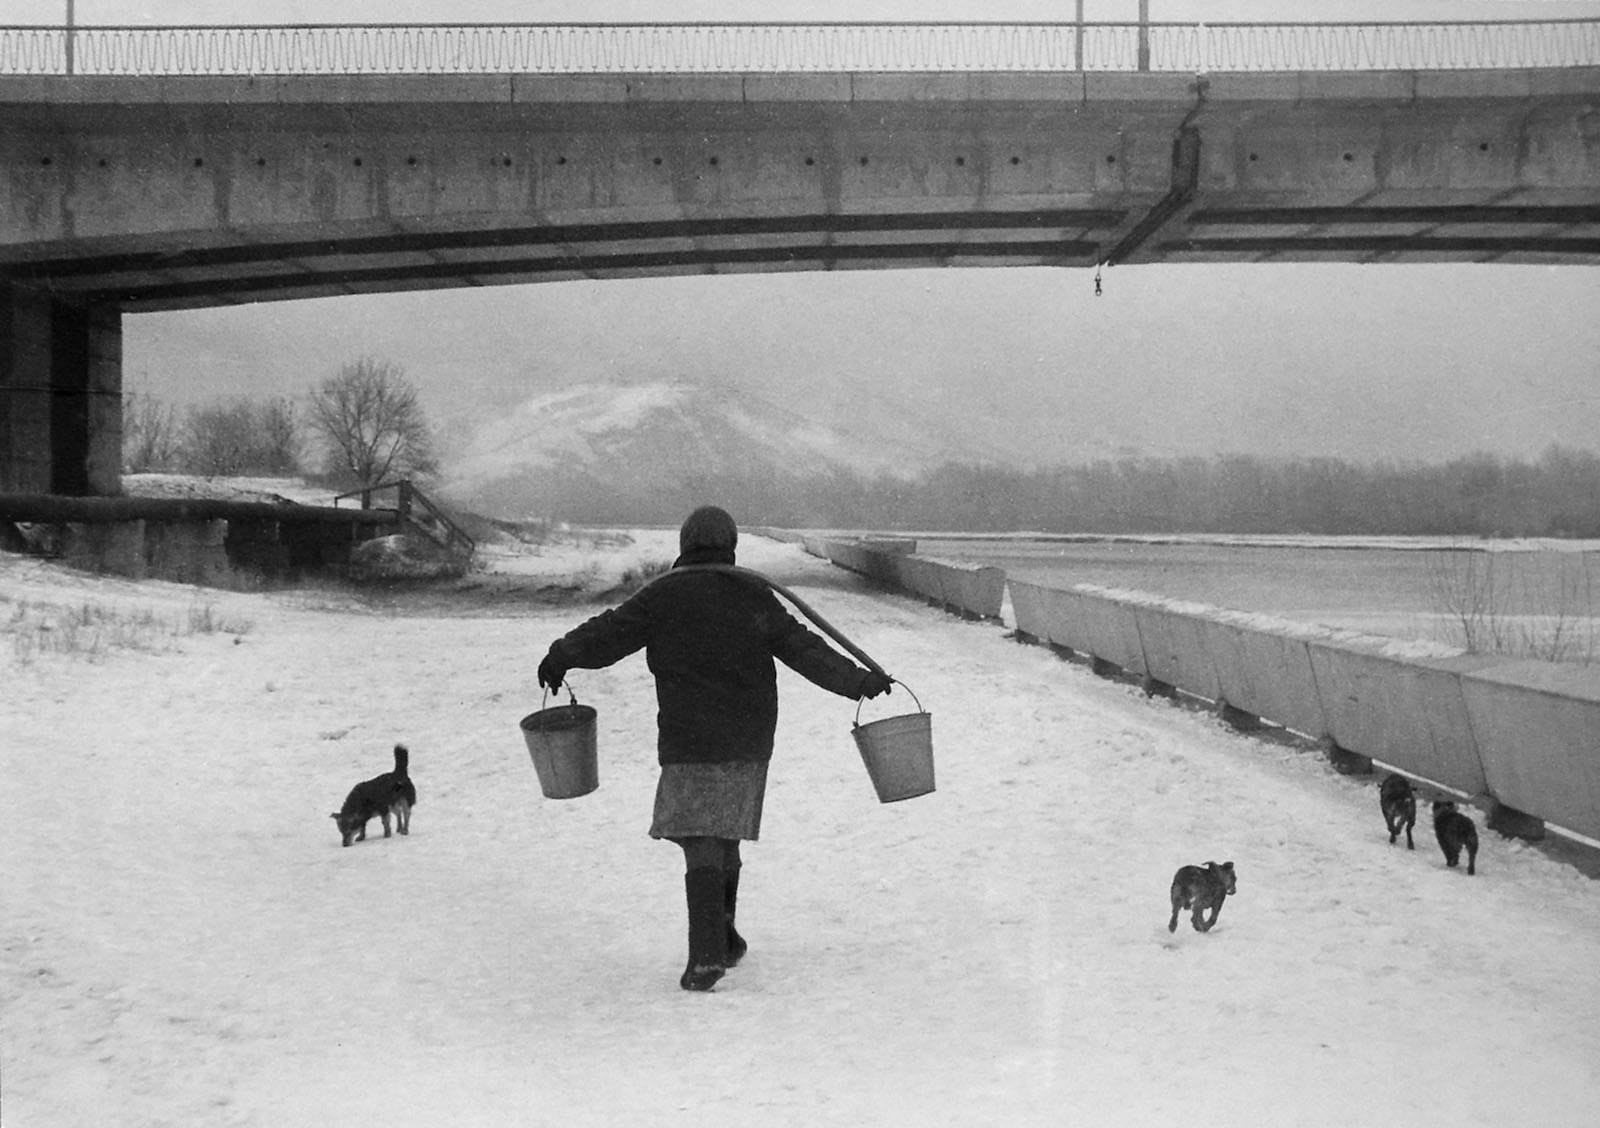 En allant chercher de l'eau (Oust-Kamenogorsk, 1984)